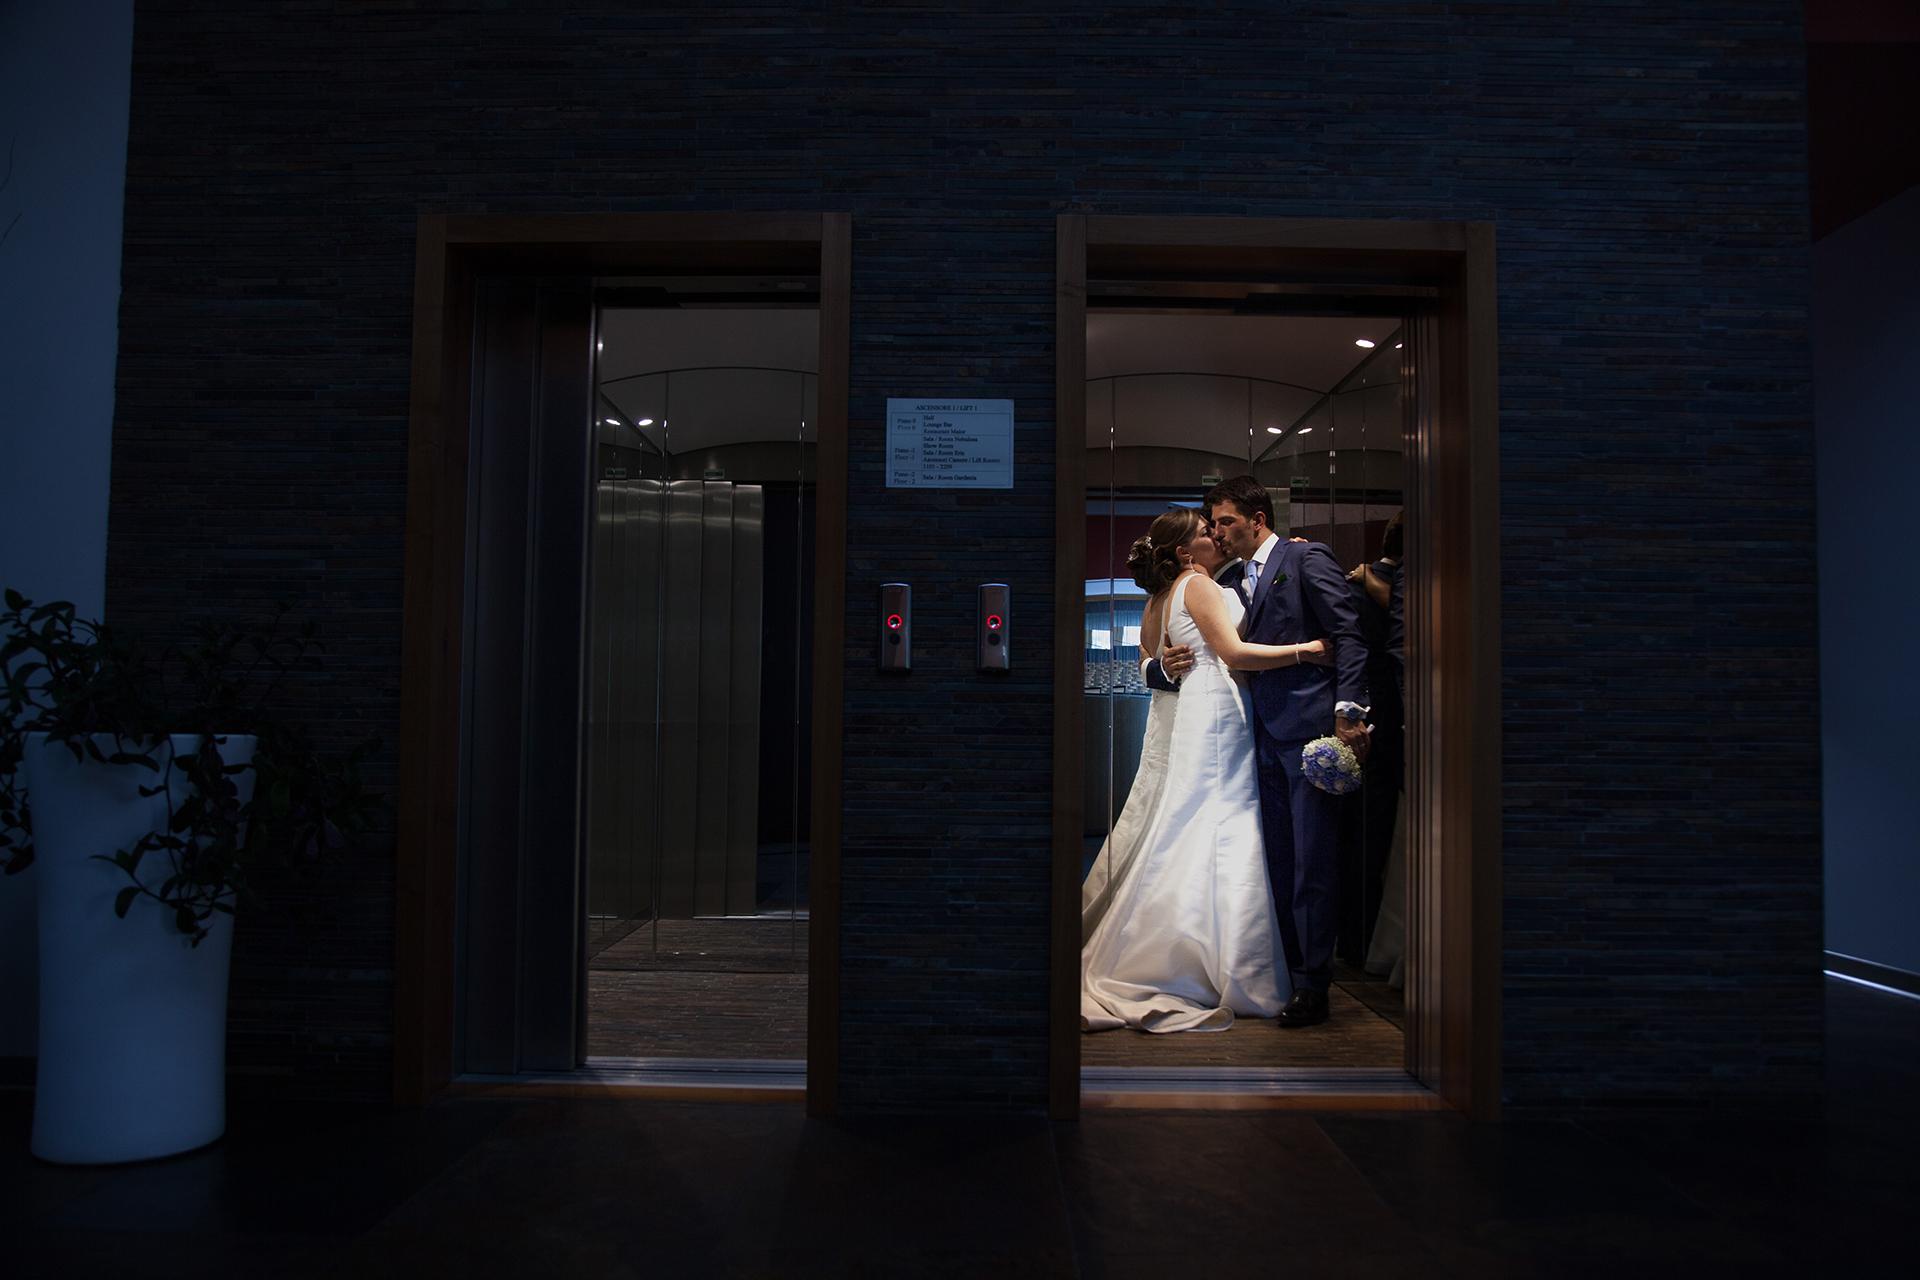 Matrimonio a Castelmezzano: Ferdinando e Annalisa Fotografo di matrimonio Vito D'Andrea